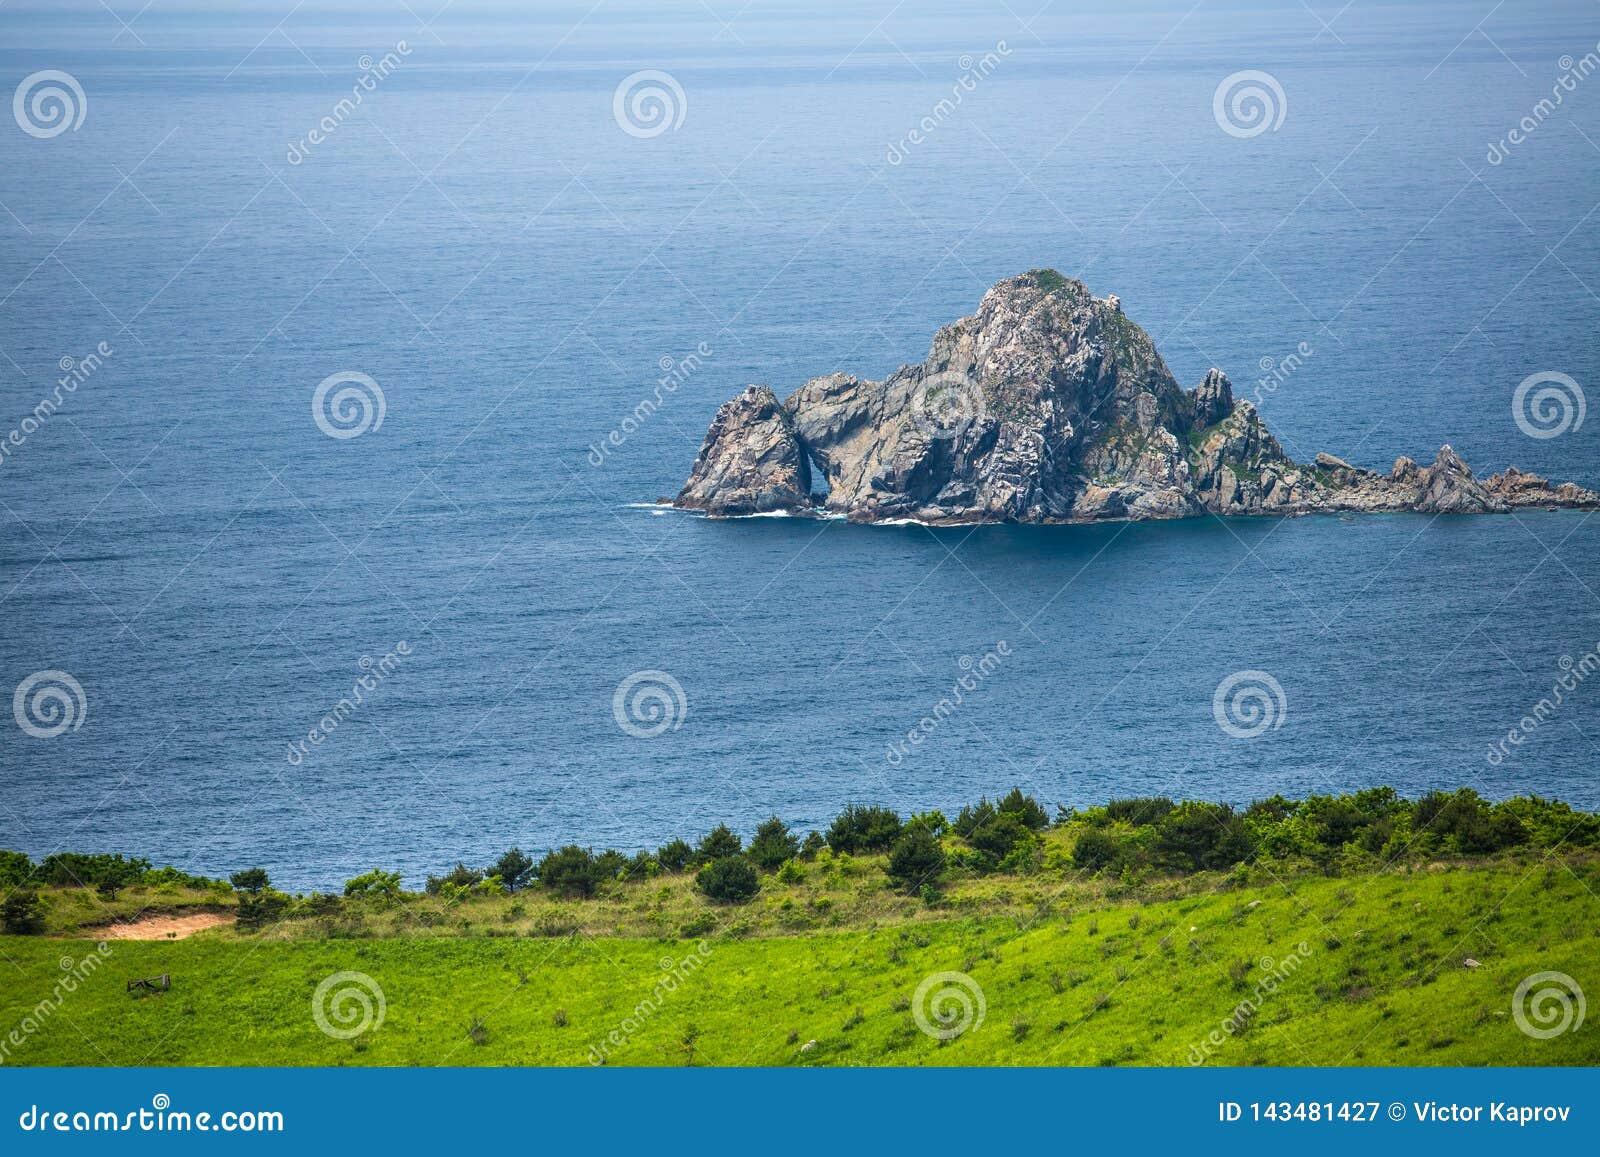 Weergeven van een klein rotsachtig eiland in het Japanse Overzees